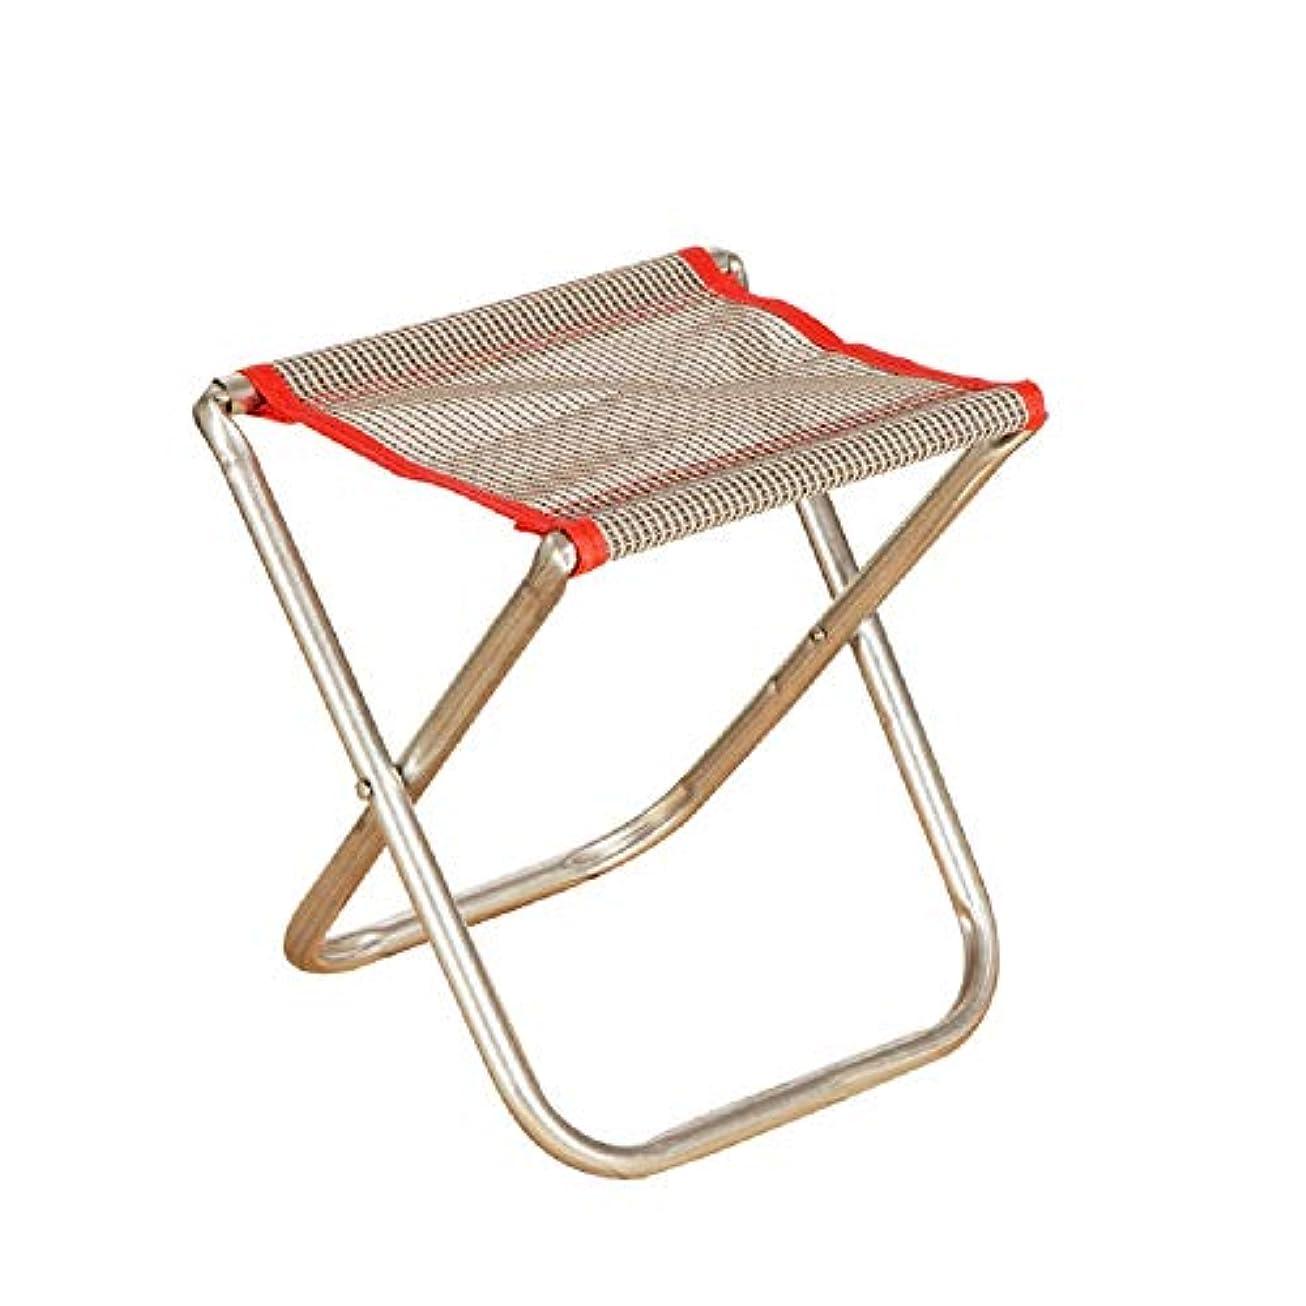 マリナー落花生守るMATSUYOI アウトドアチェア 折りたたみ椅子 耐荷重100kg 小型スツール 釣り用スツール キャン プ用スツール ポータブル ステンレス